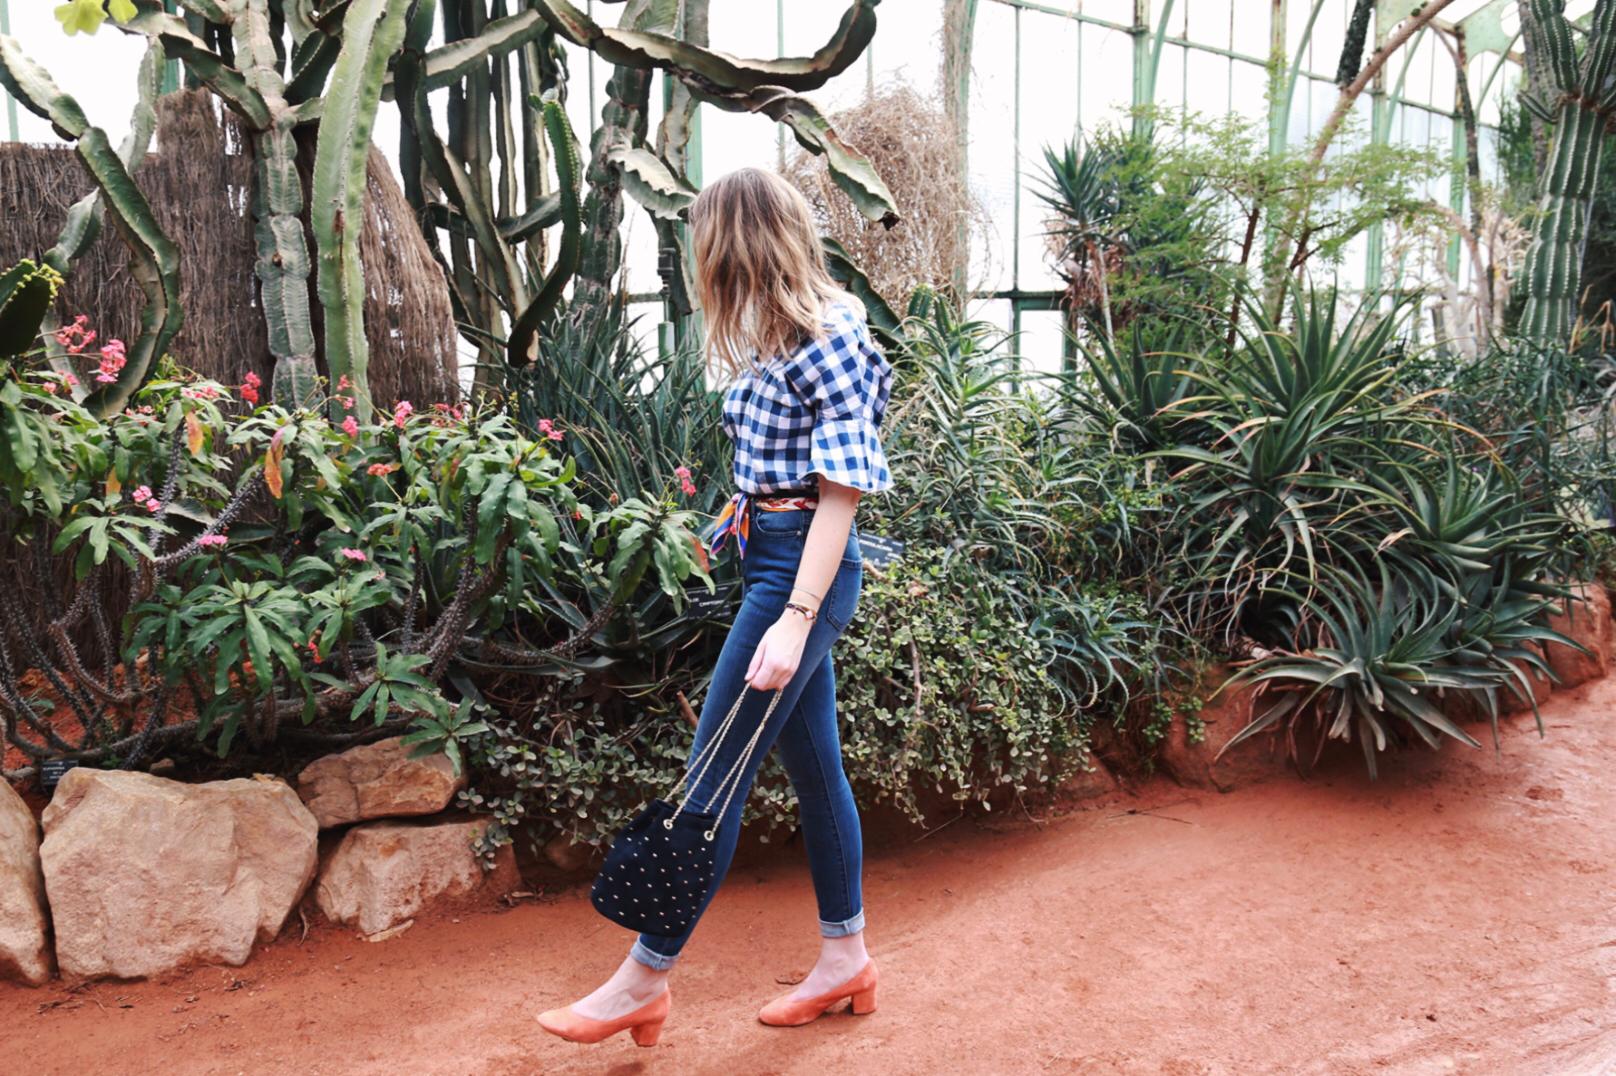 Blossom - Zoé Bassetto - blog mode - beauté - lifestyle - Lyon 7bb6f2e778e6